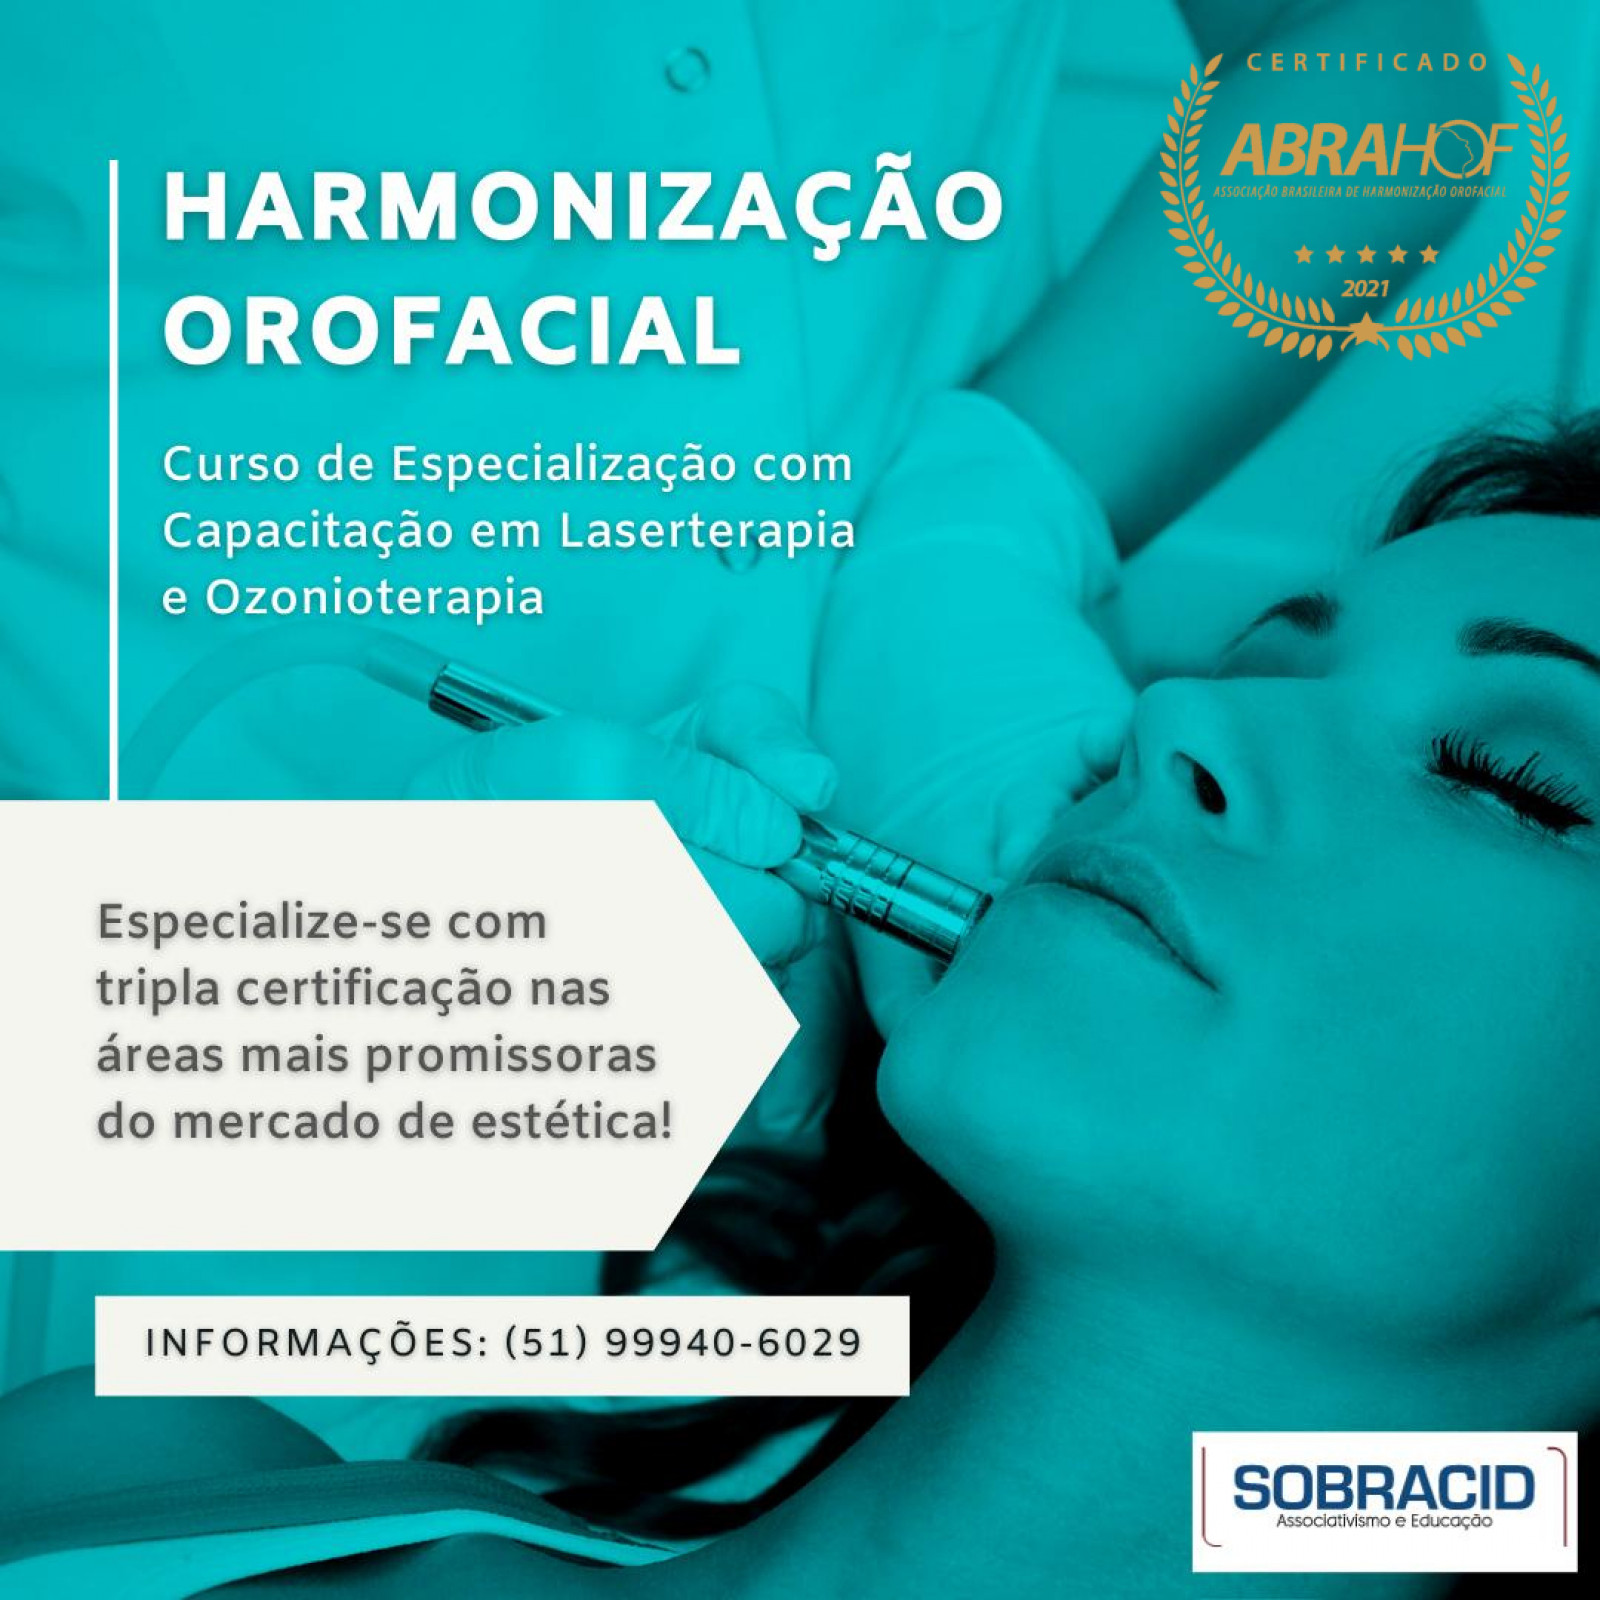 Especialização em Harmonização Orofacial (com Habilitação em Laserterapia e Habilitação em Ozonioterapia)